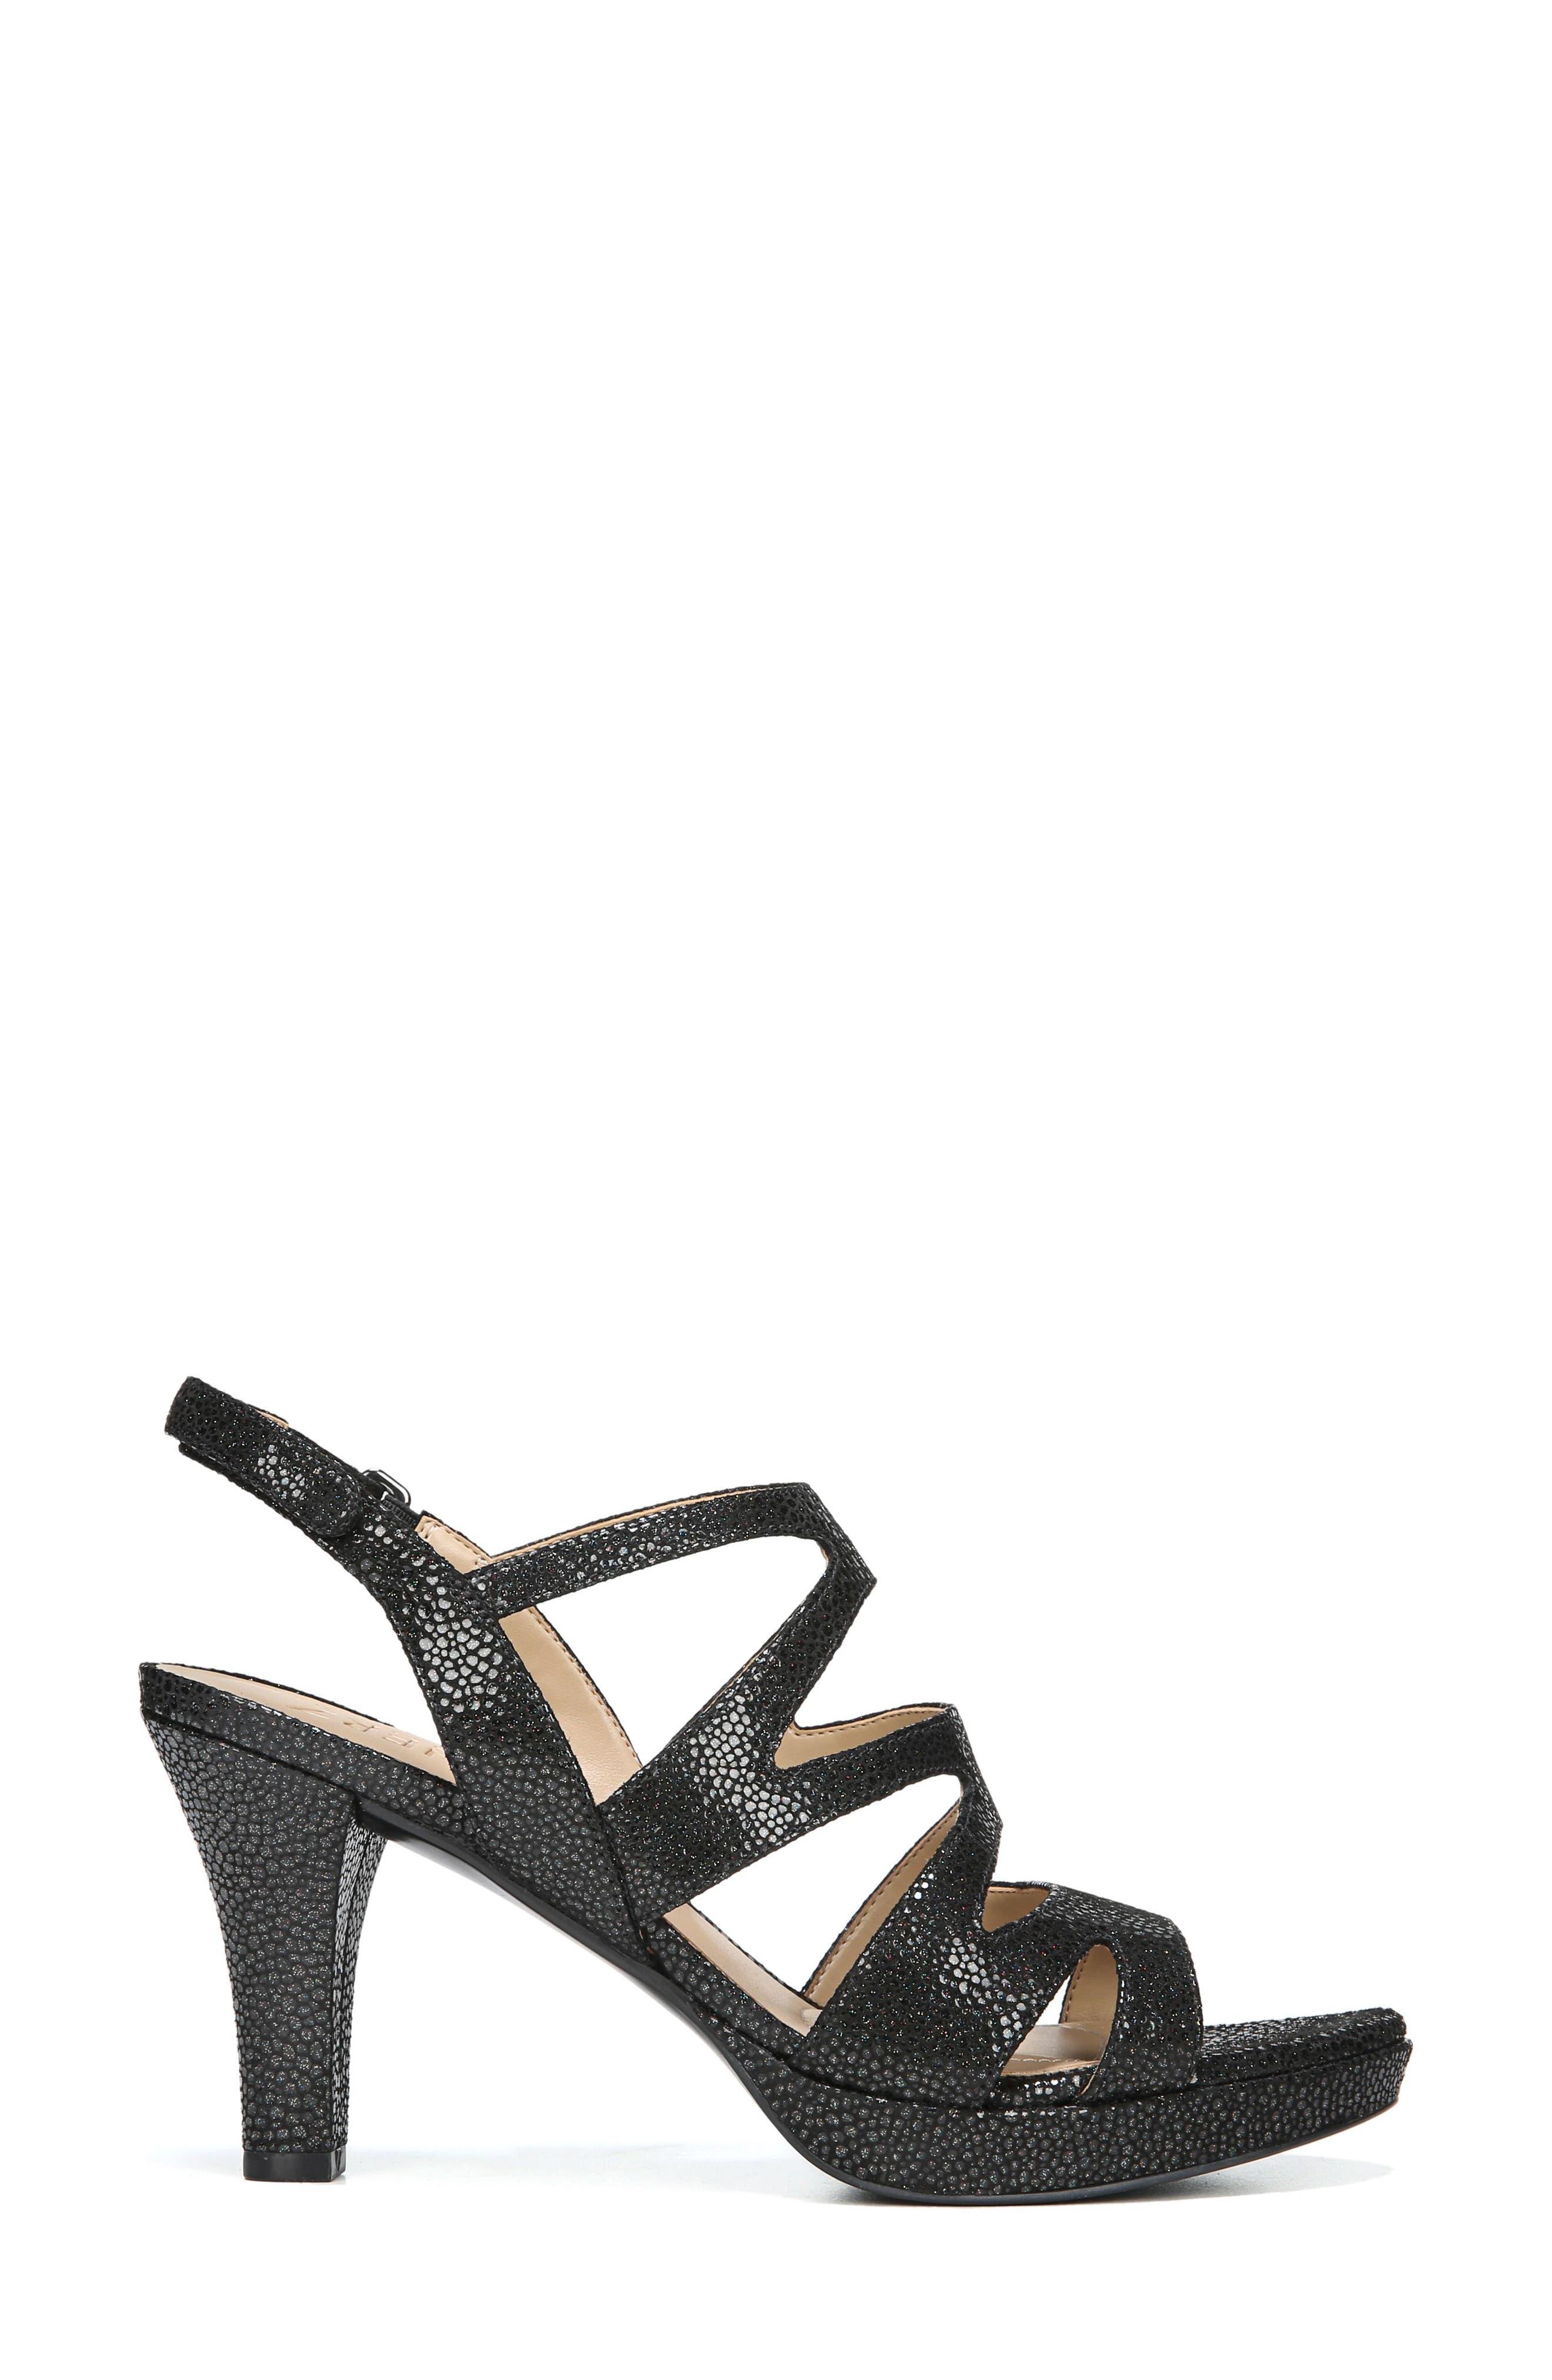 Alternate Image 3  - Naturalizer 'Pressley' Slingback Platform Sandal (Women)